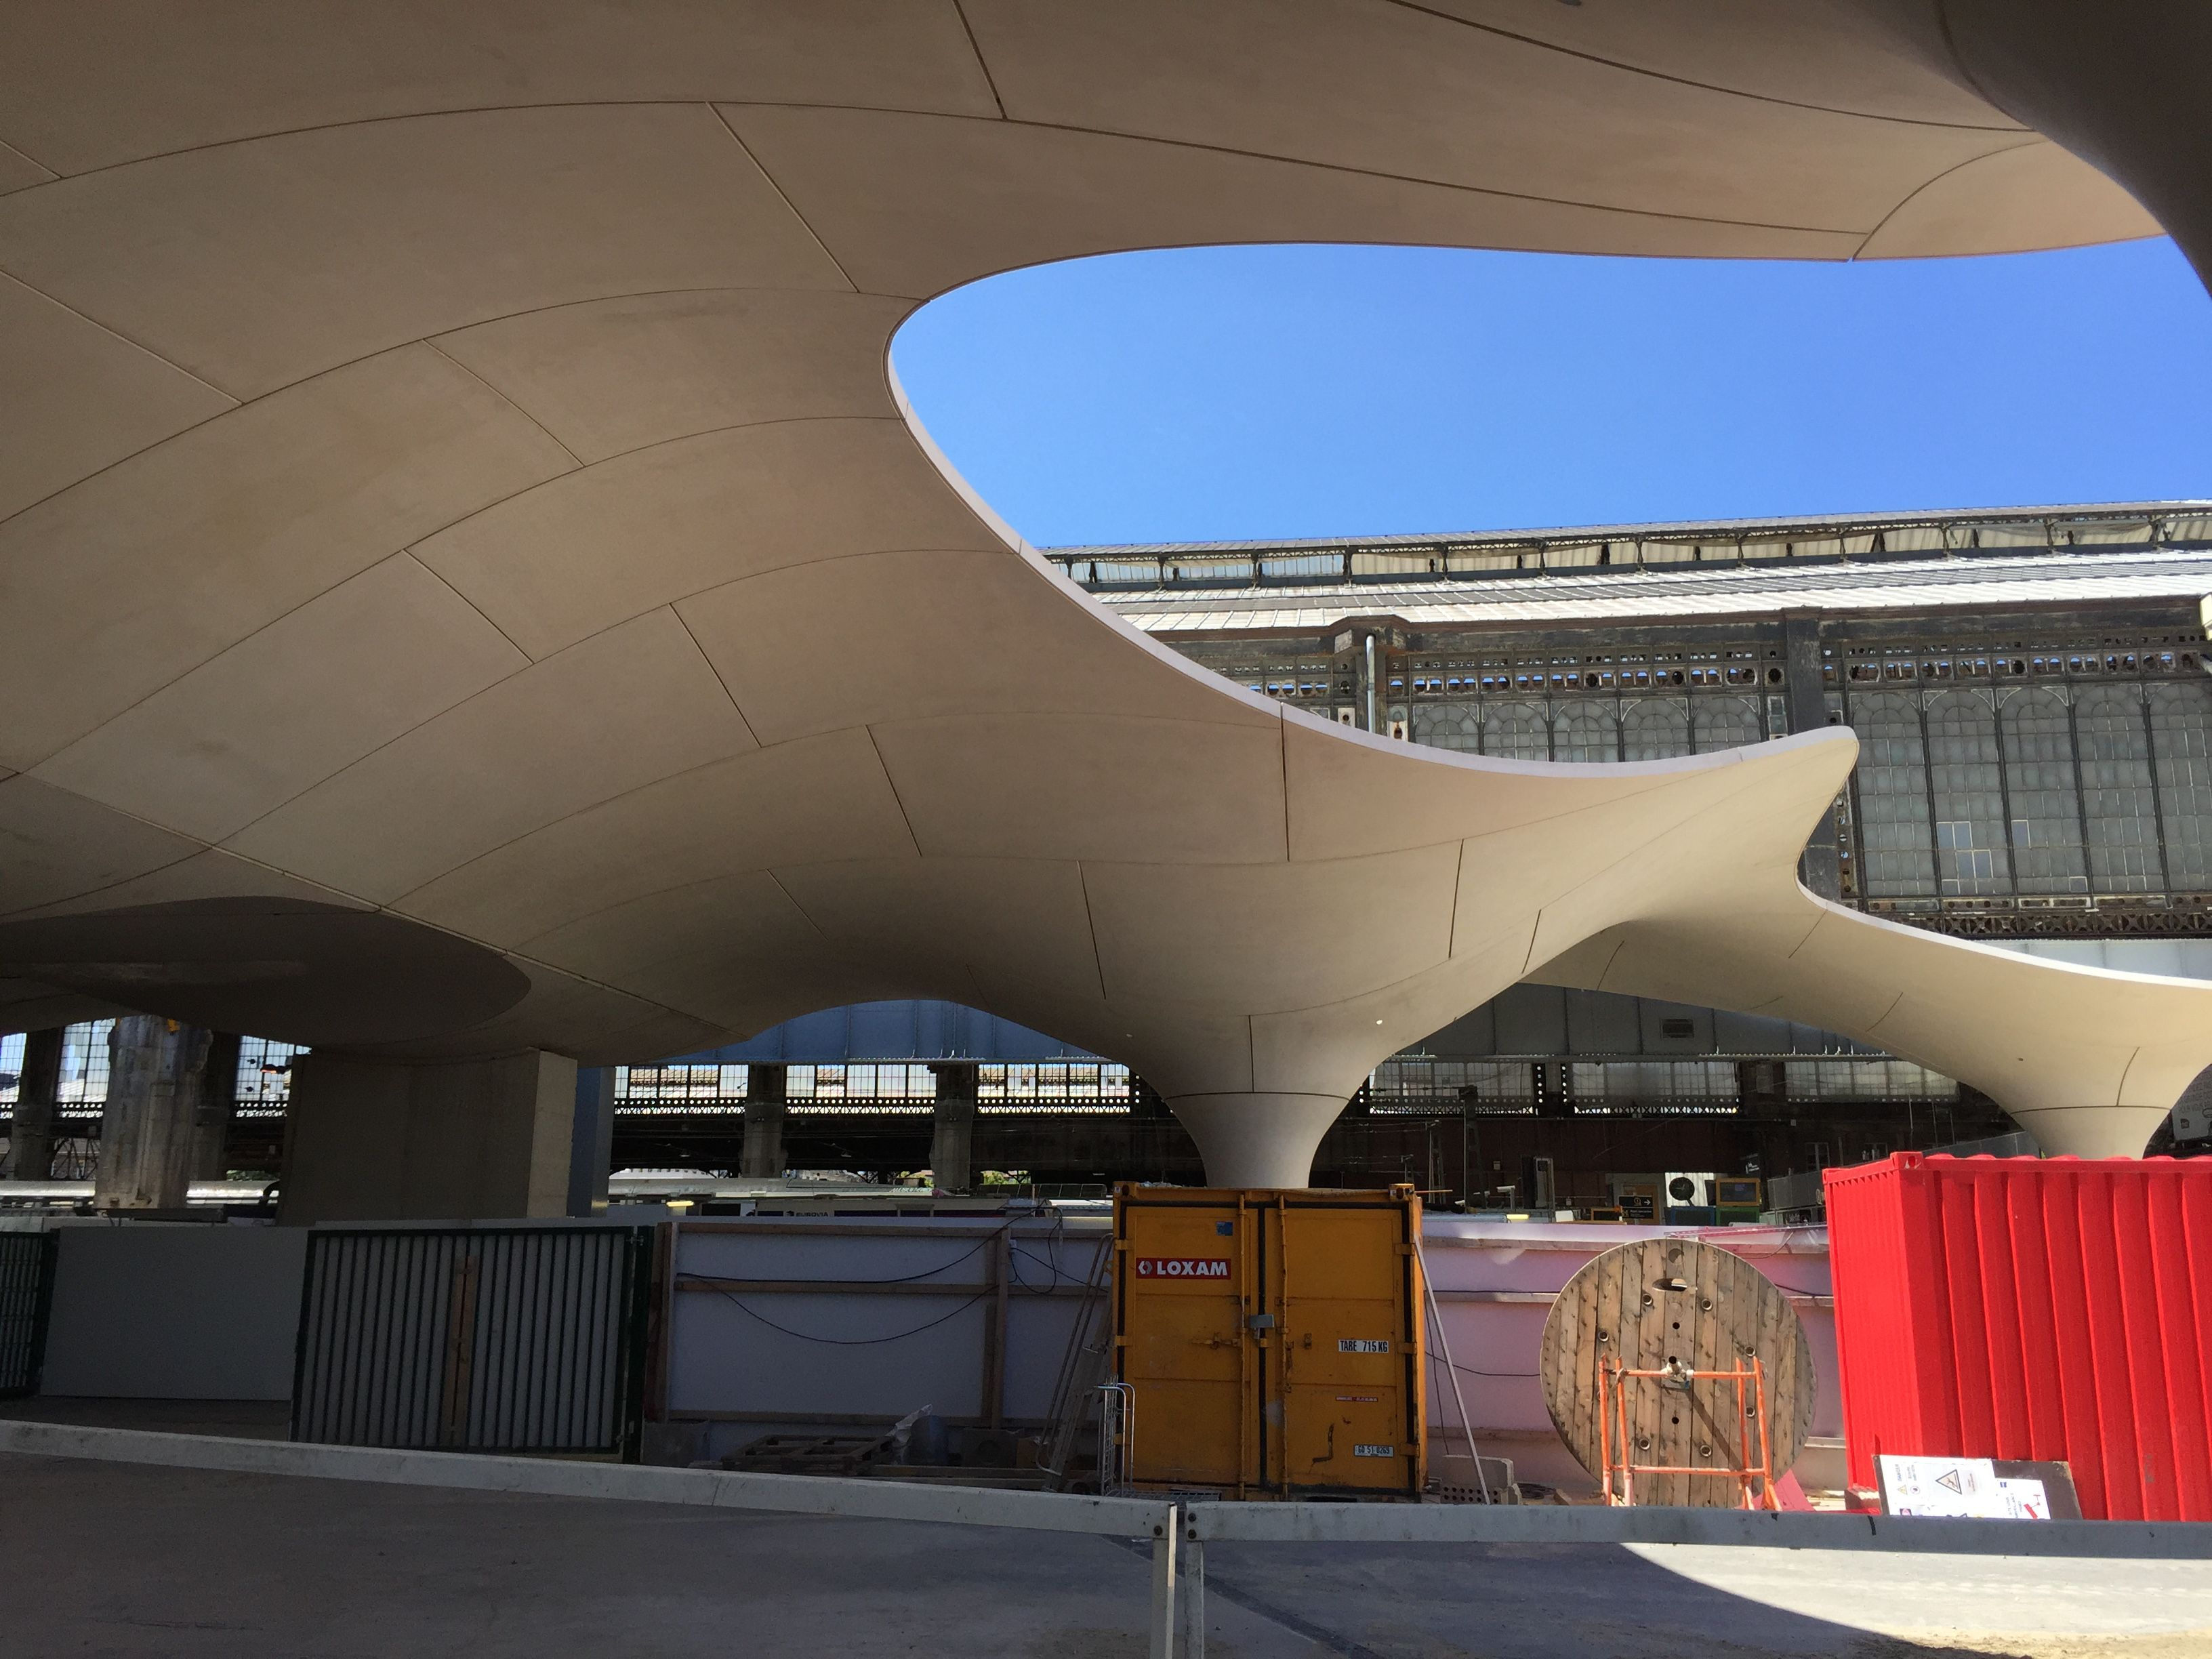 Gare de'Austerlitz - #MaP3